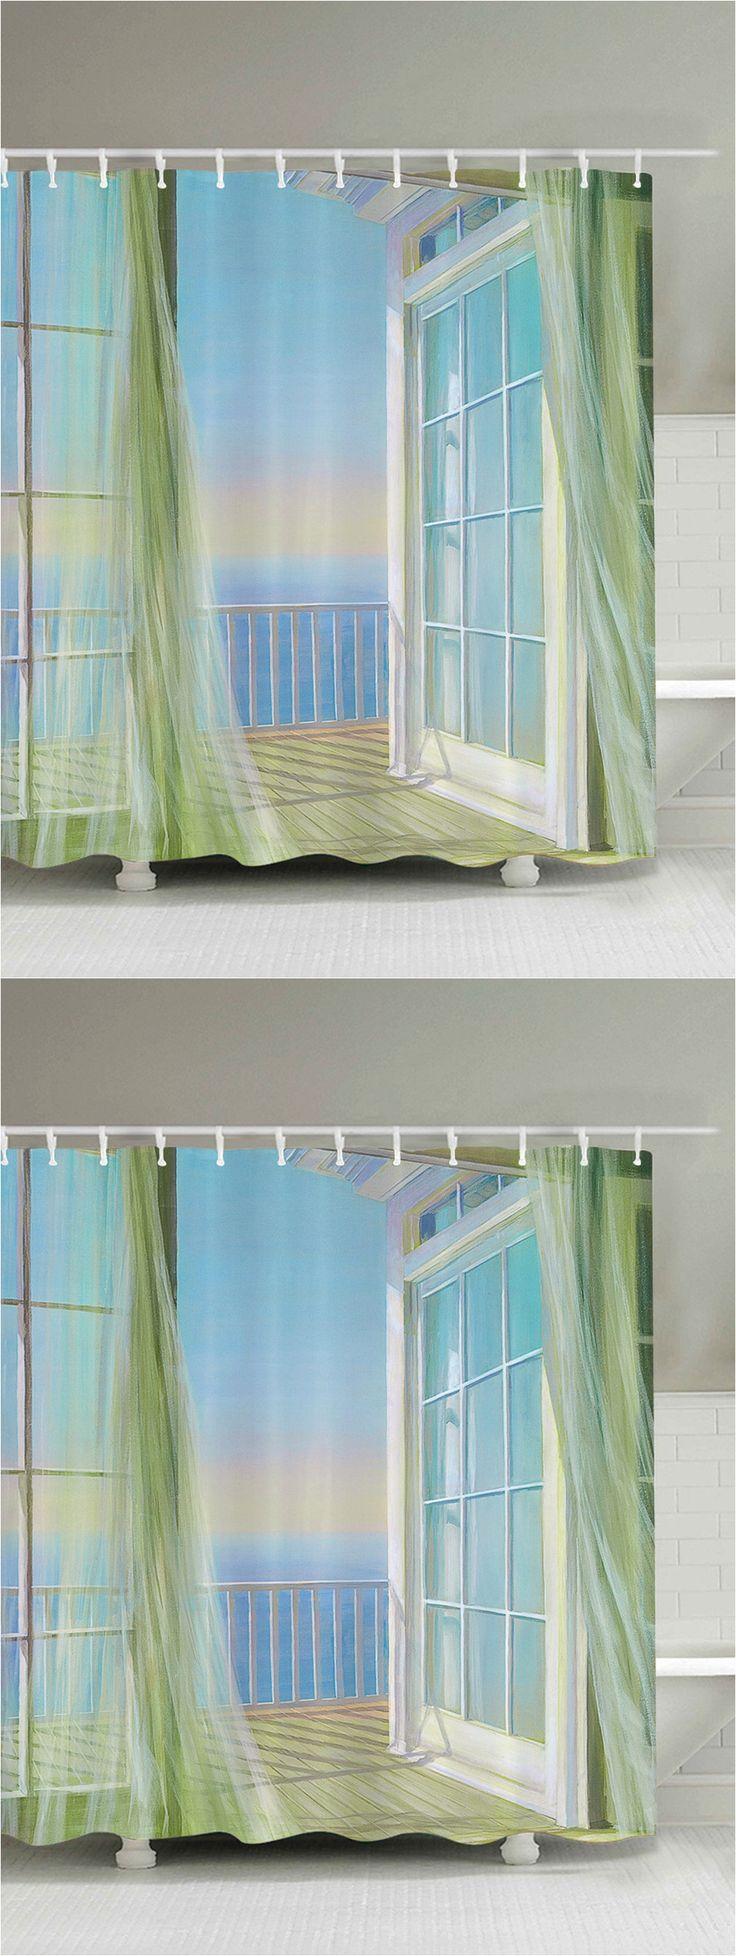 10 id es propos de rideaux de fen tre de salle de bains for Rideaux fenetre salle de bain